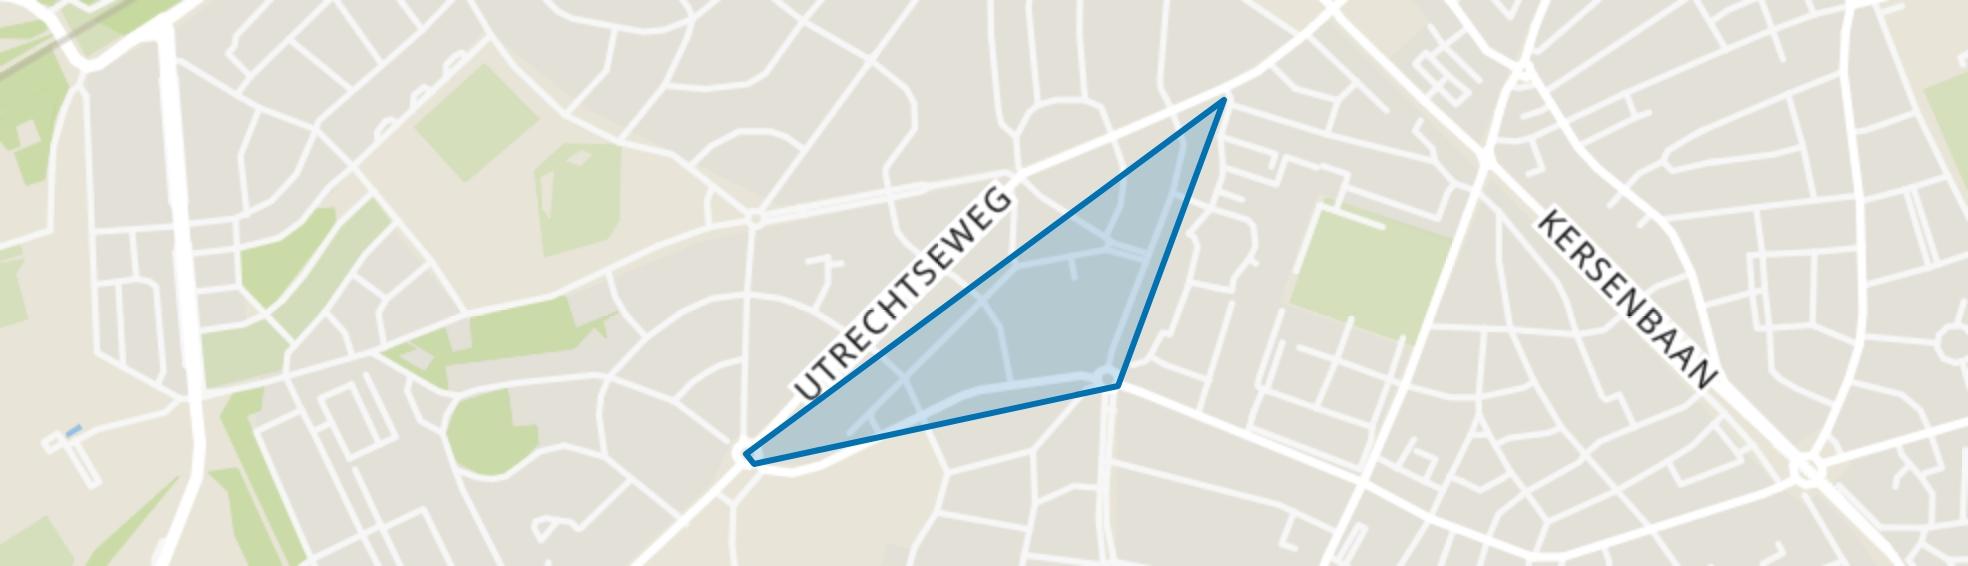 Huygenslaan, Amersfoort map